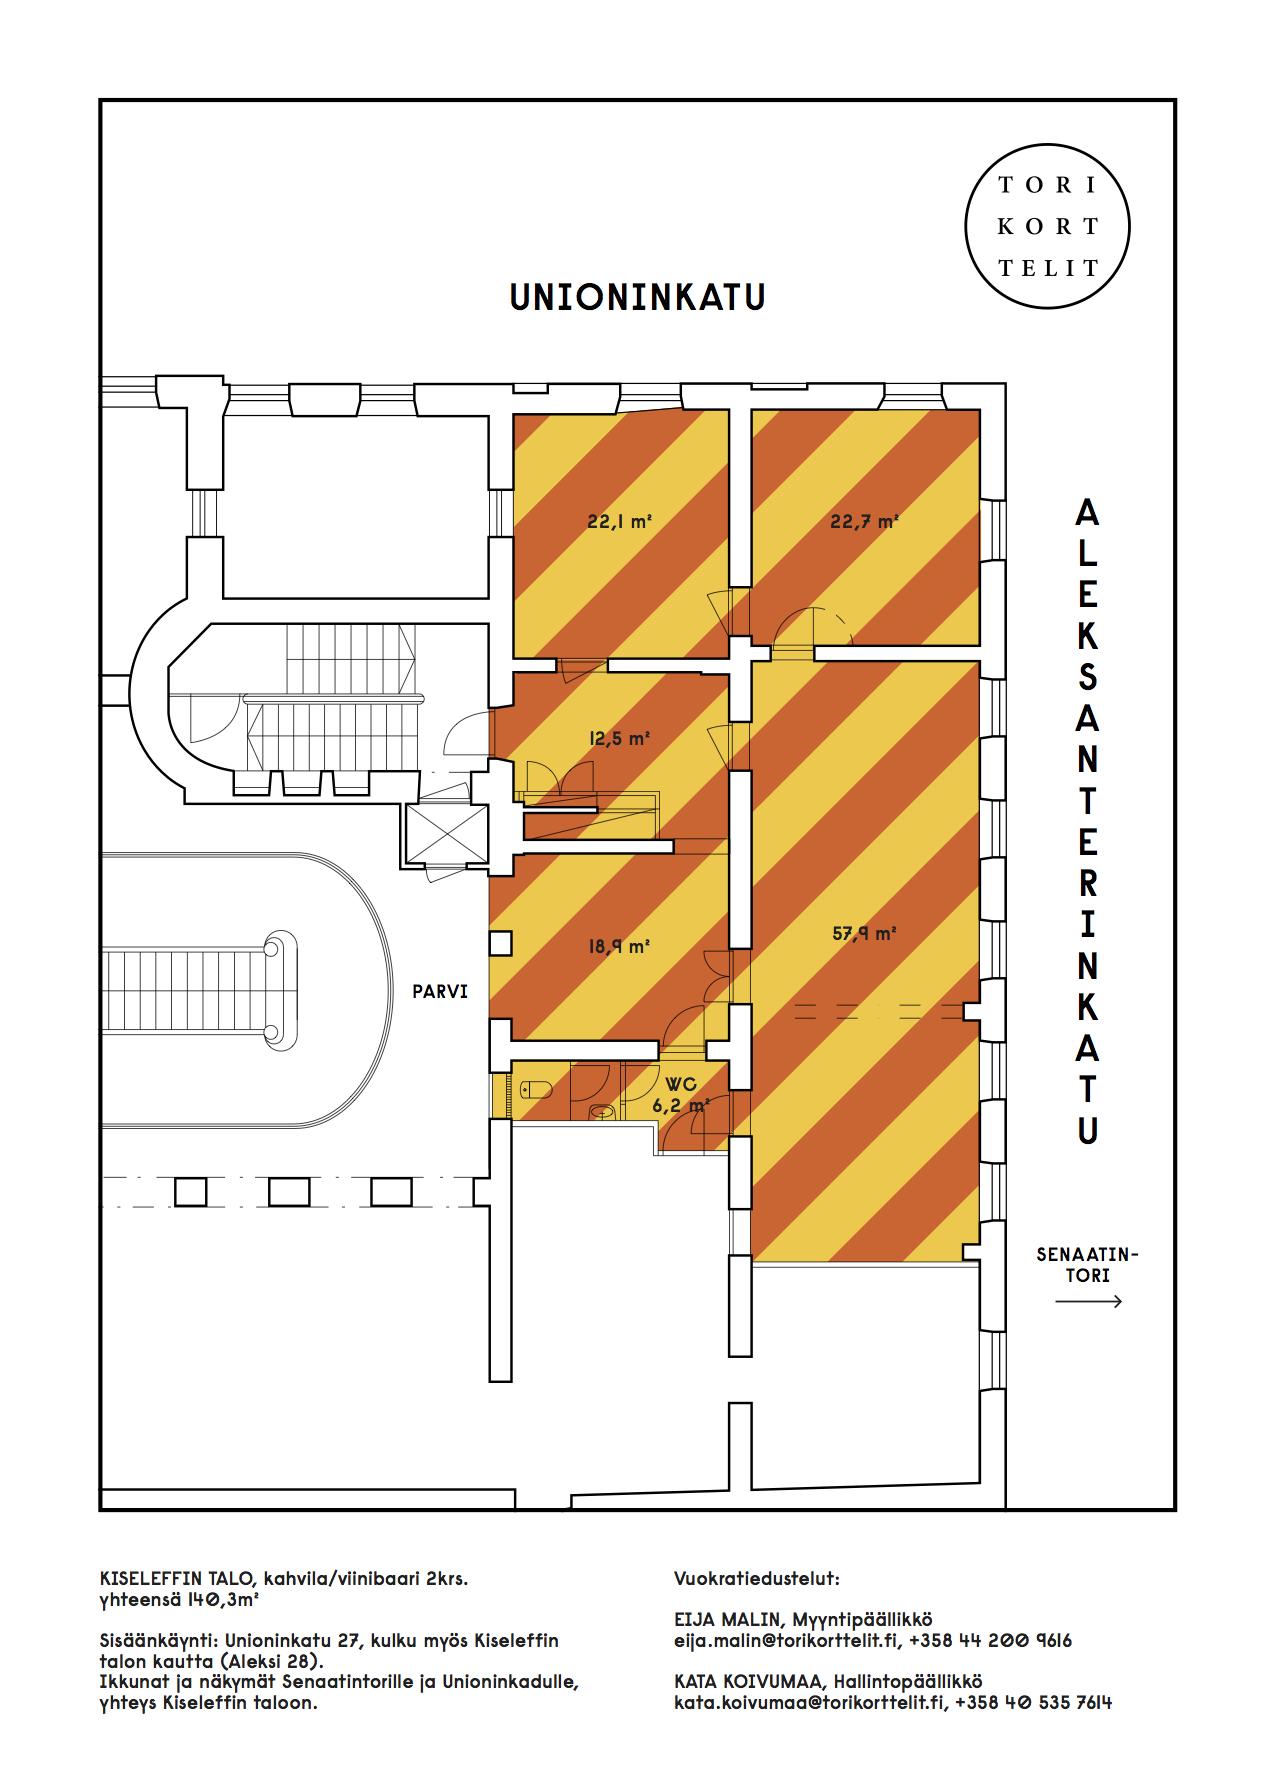 Unioninkatu 27, Keskusta, Helsinki